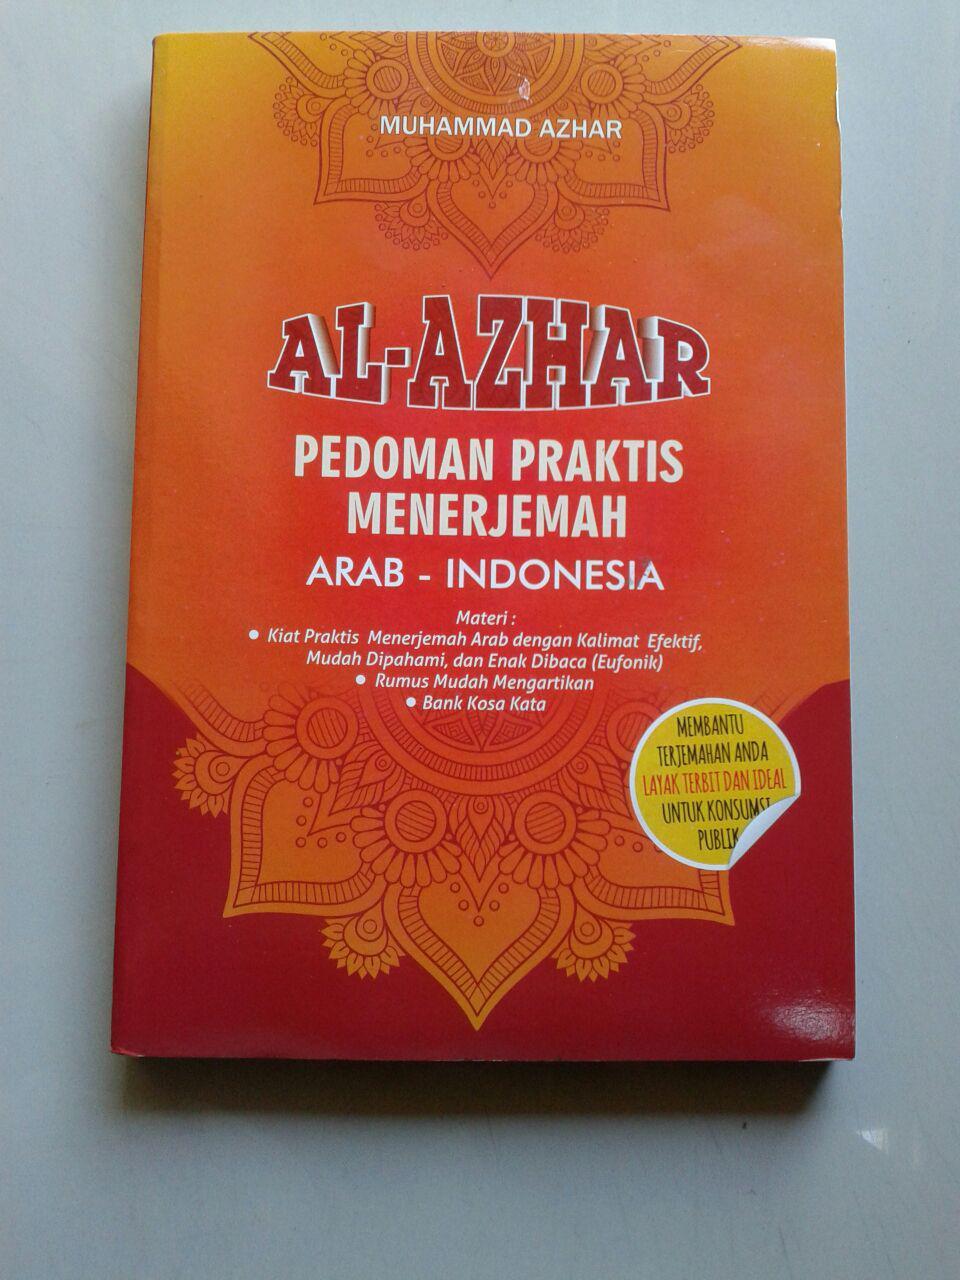 Buku Al-Azhar Pedoman Praktis Menerjemah Arab-Indonesia cover 2